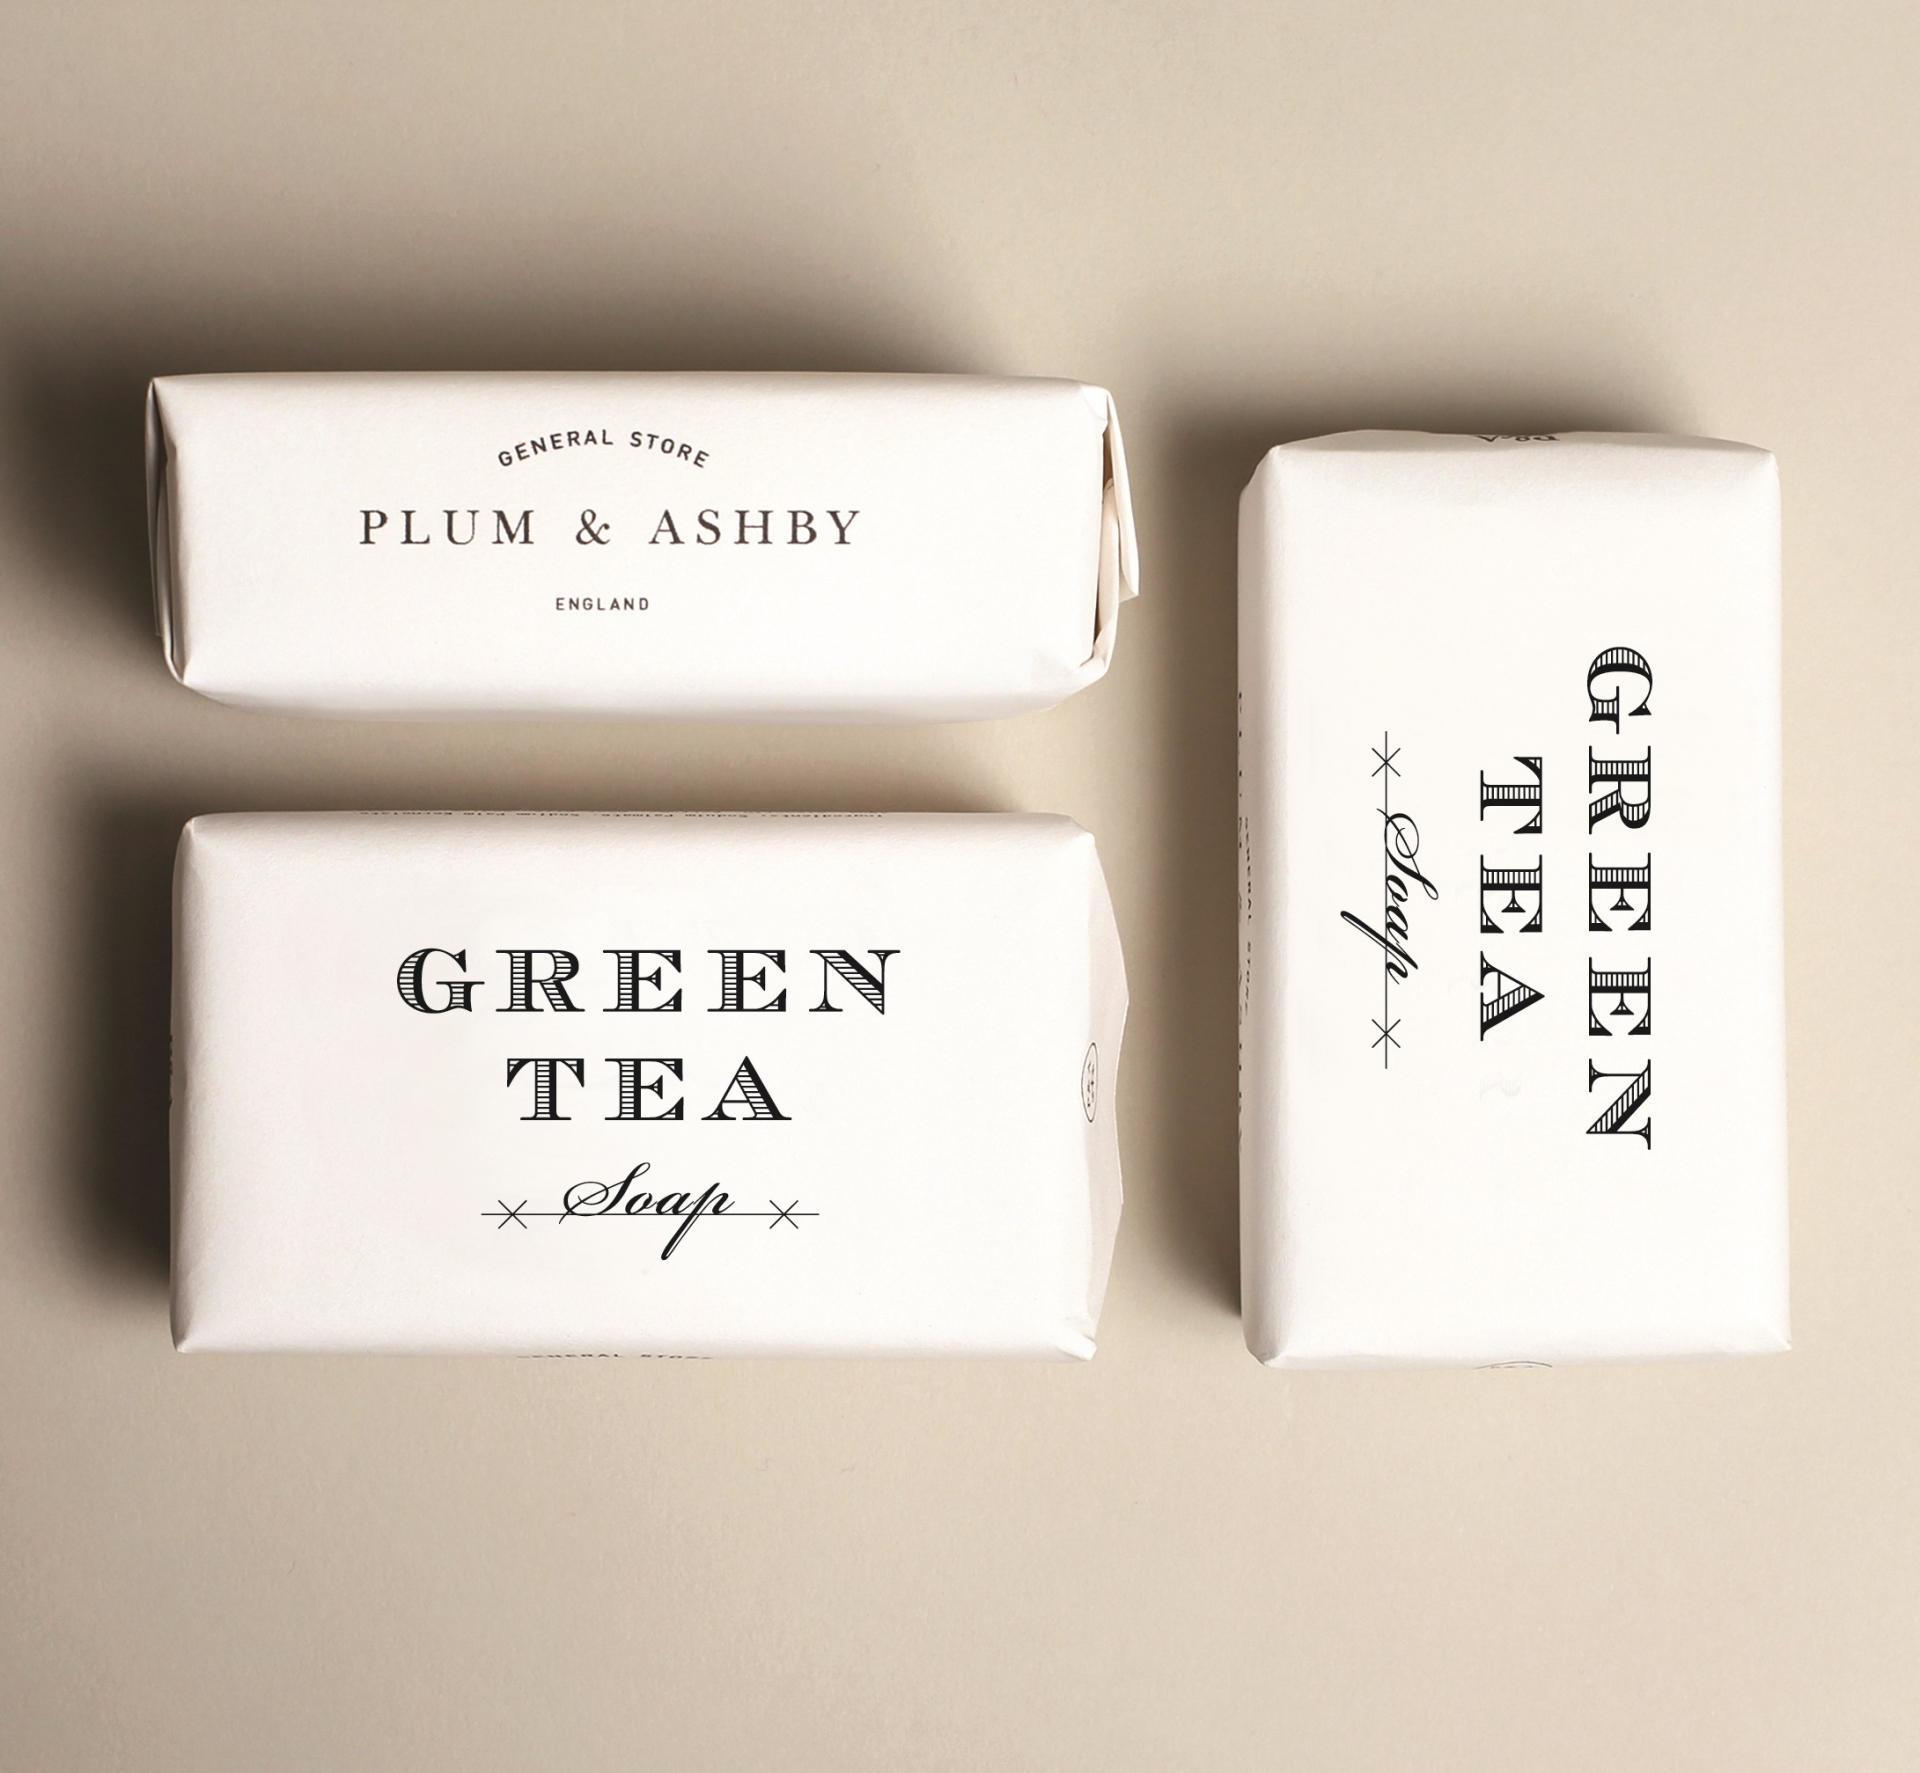 PLUM & ASHBY Mýdlo Green Tea 200gr, bílá barva